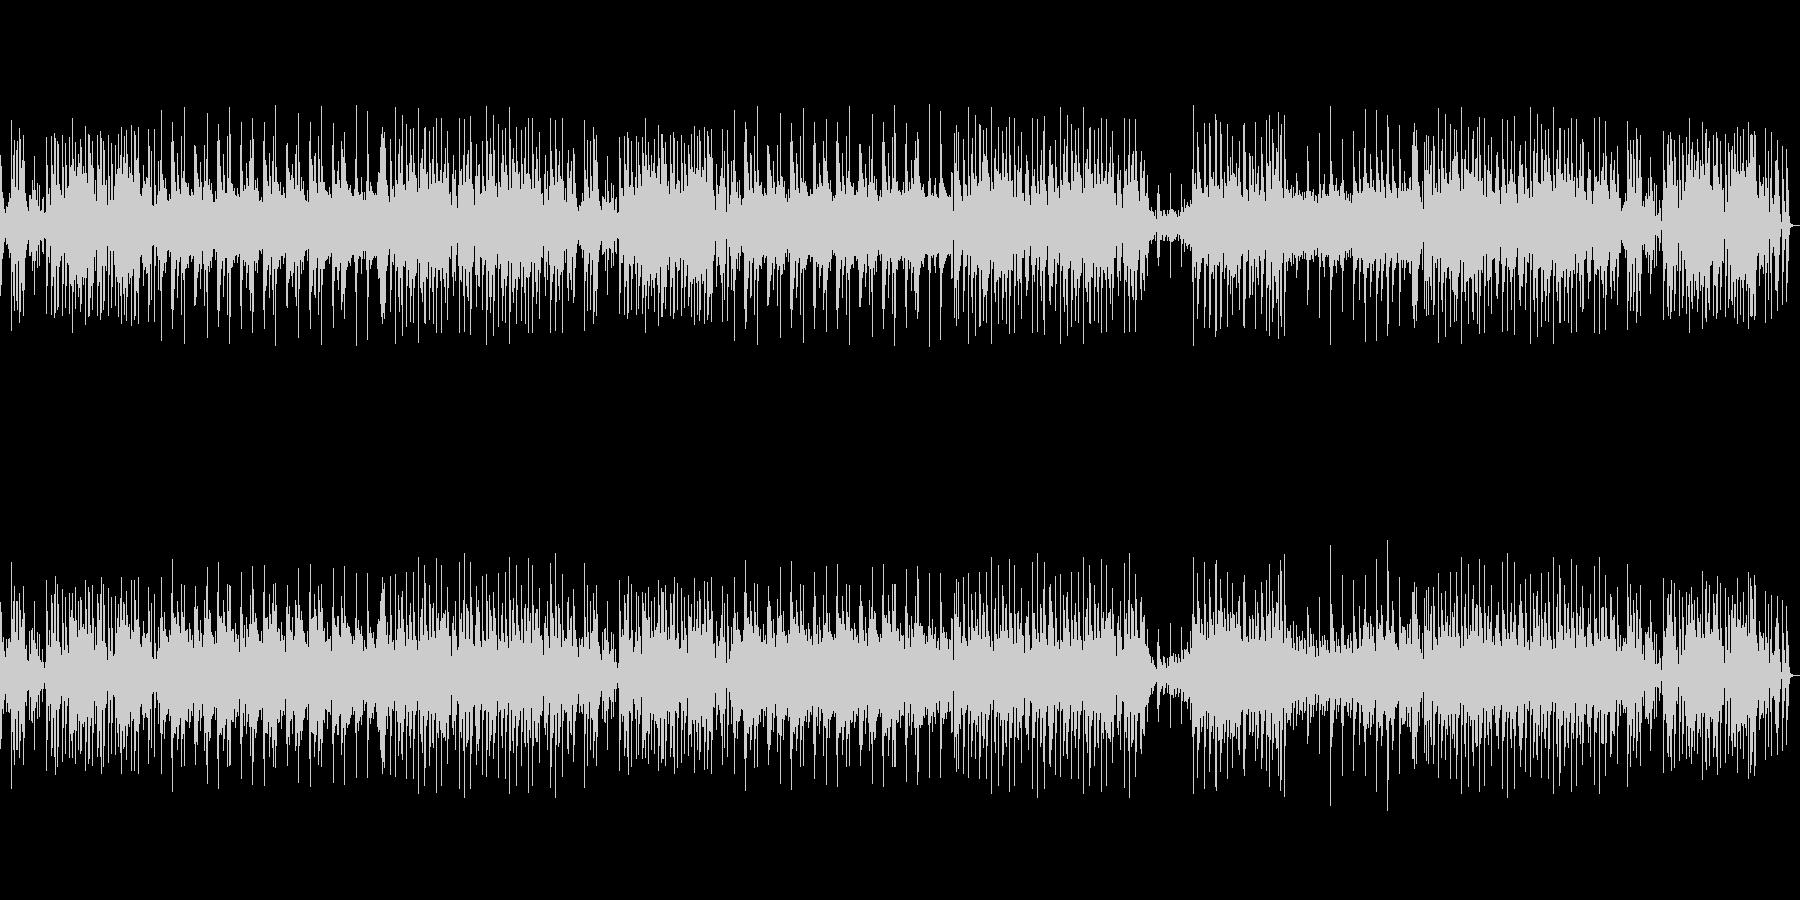 高音質♪和風のJAZZpopなBGMの未再生の波形